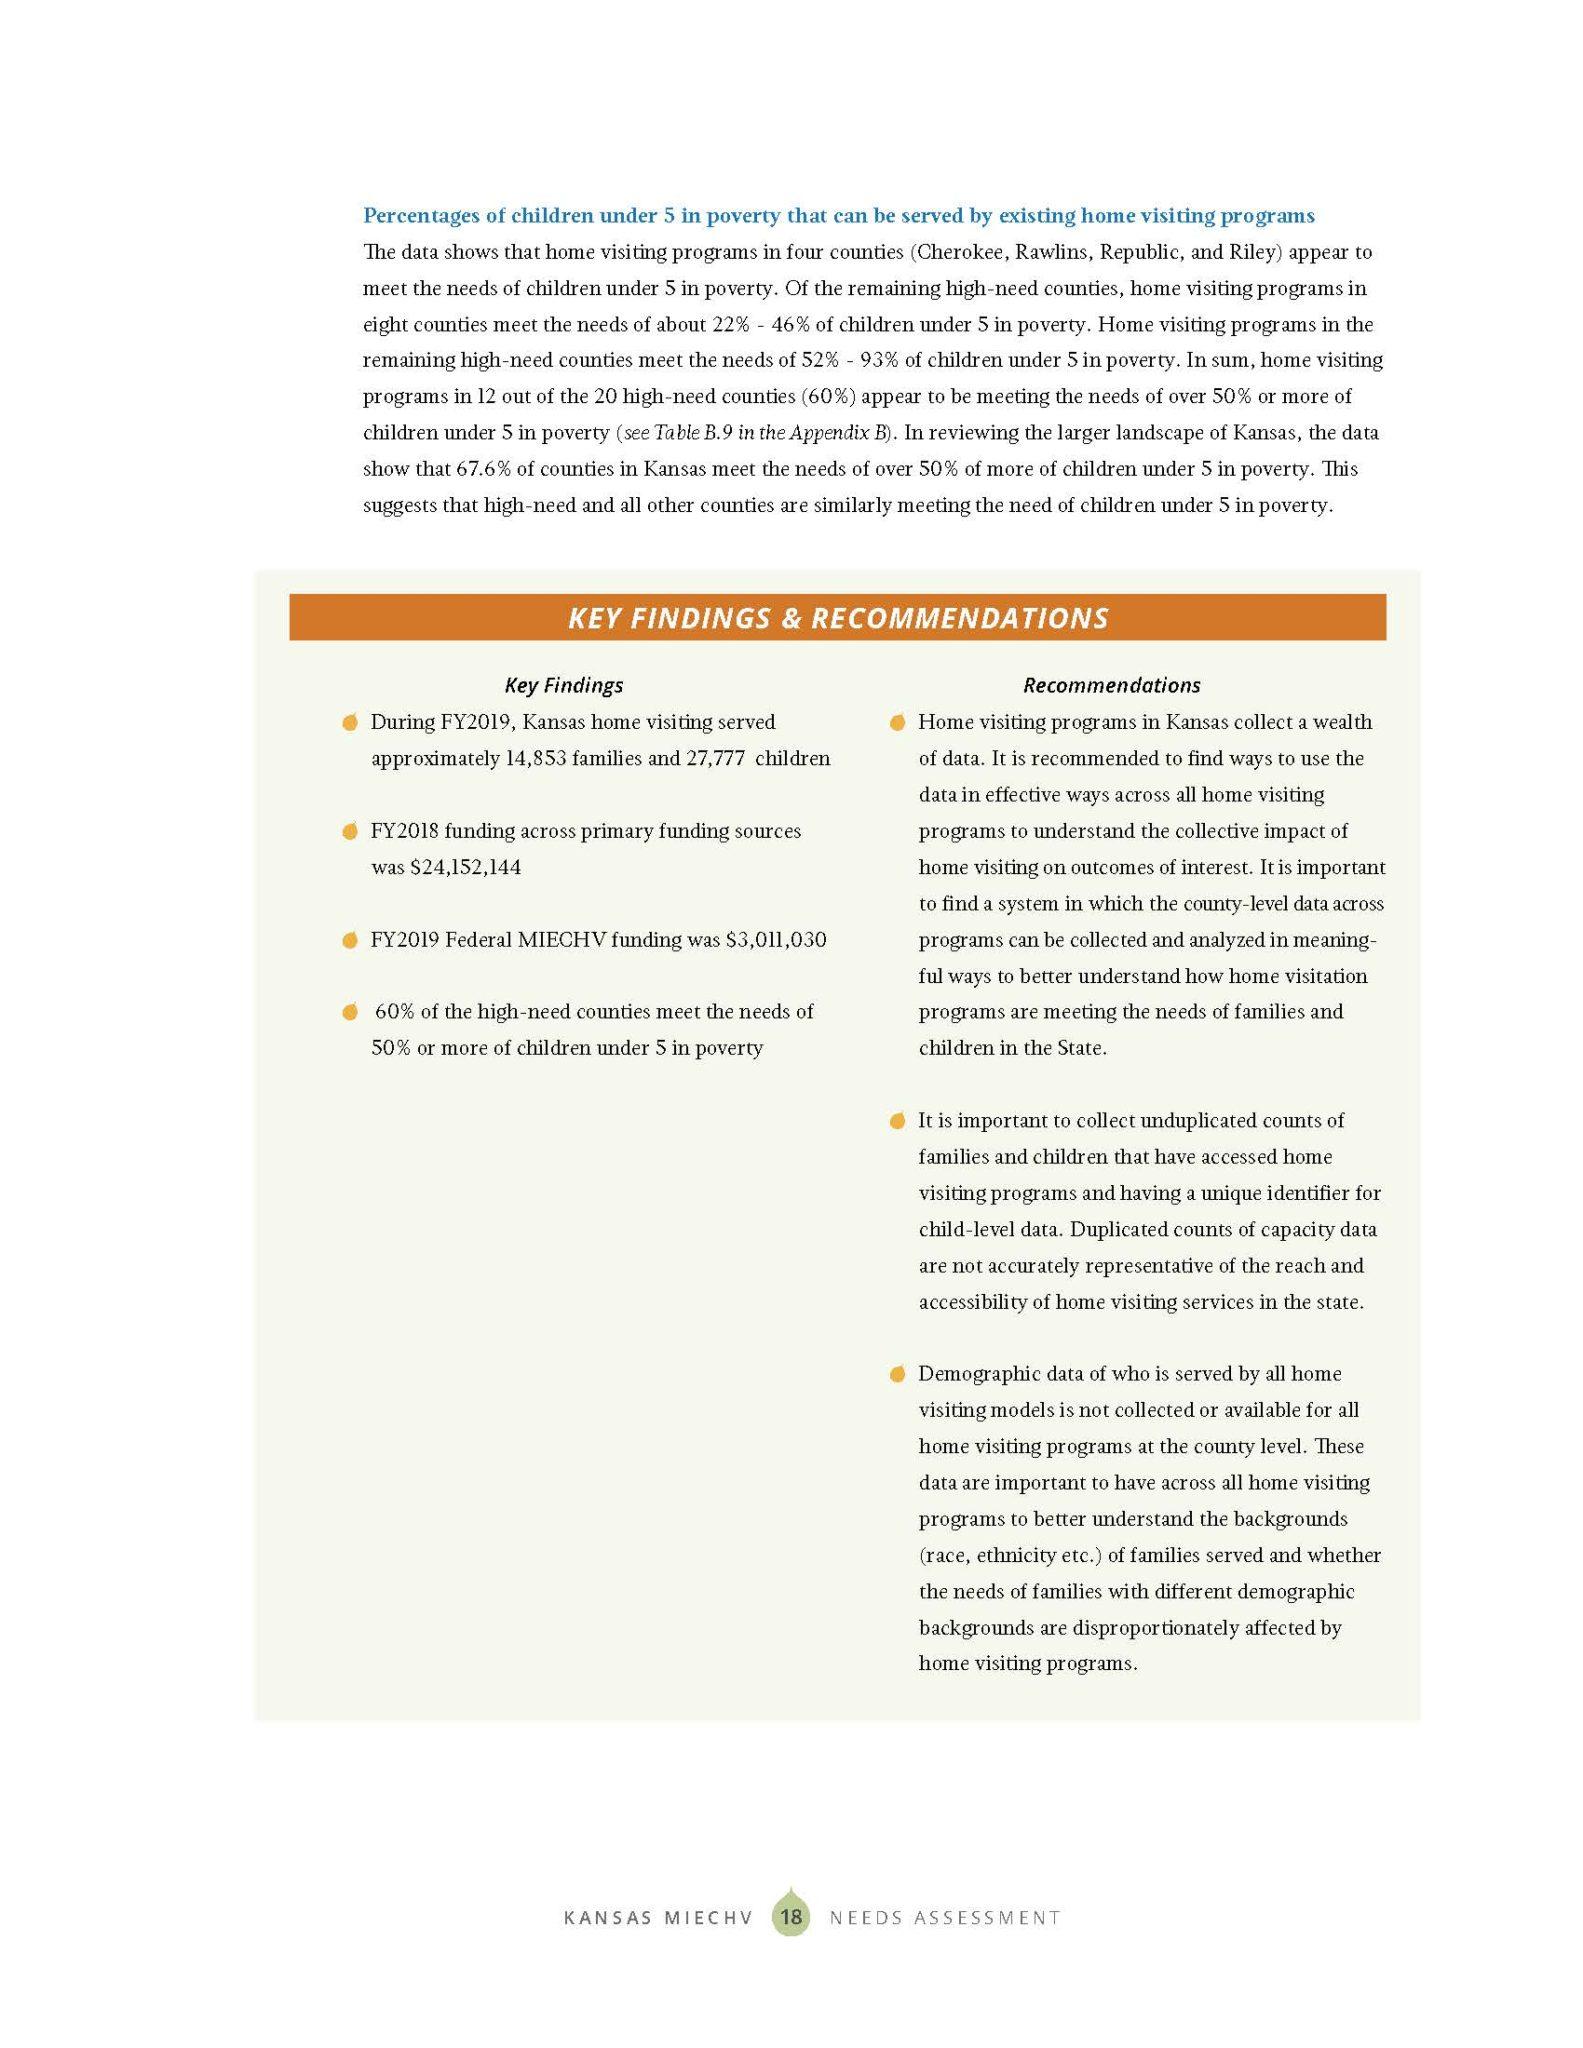 KS MIECHV 2020 Needs Assessment_DIGITAL_Page_026